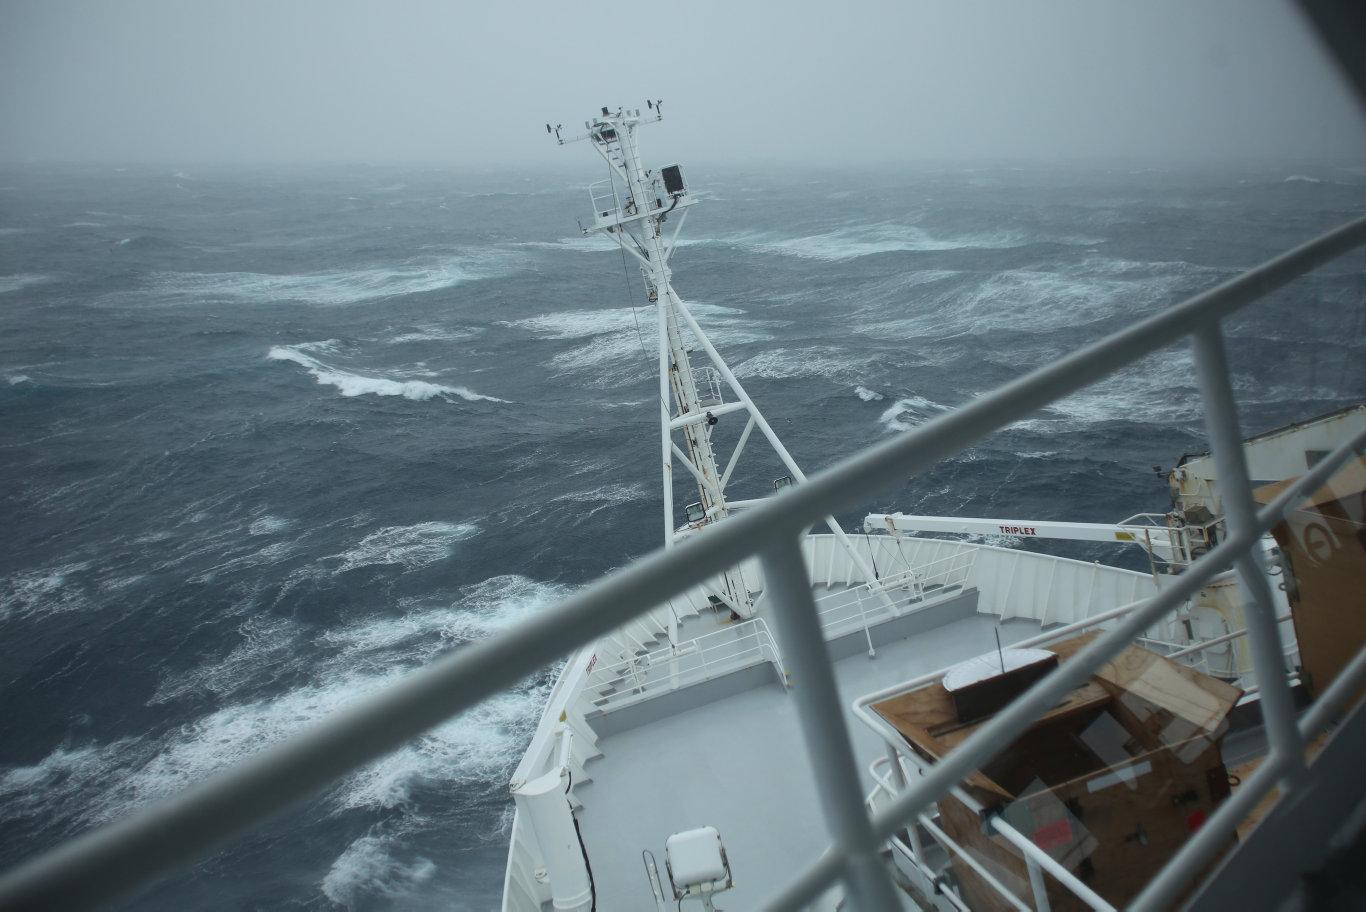 CSIRO RV Investigator in the Southern Ocean.